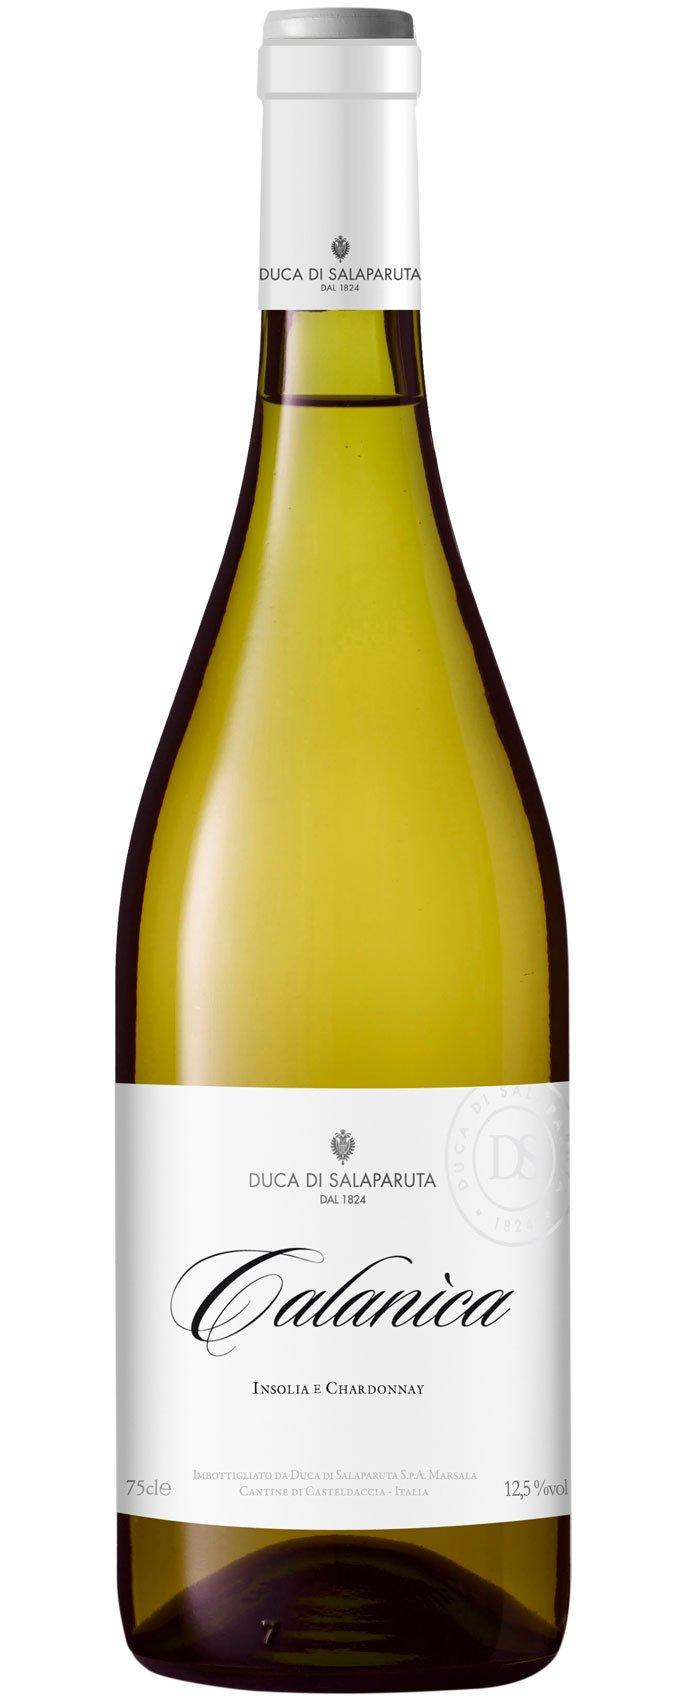 Corvo-Duca-di-Salaparuta-SPA-Chardonnay-2017-trocken-6-x-075-l